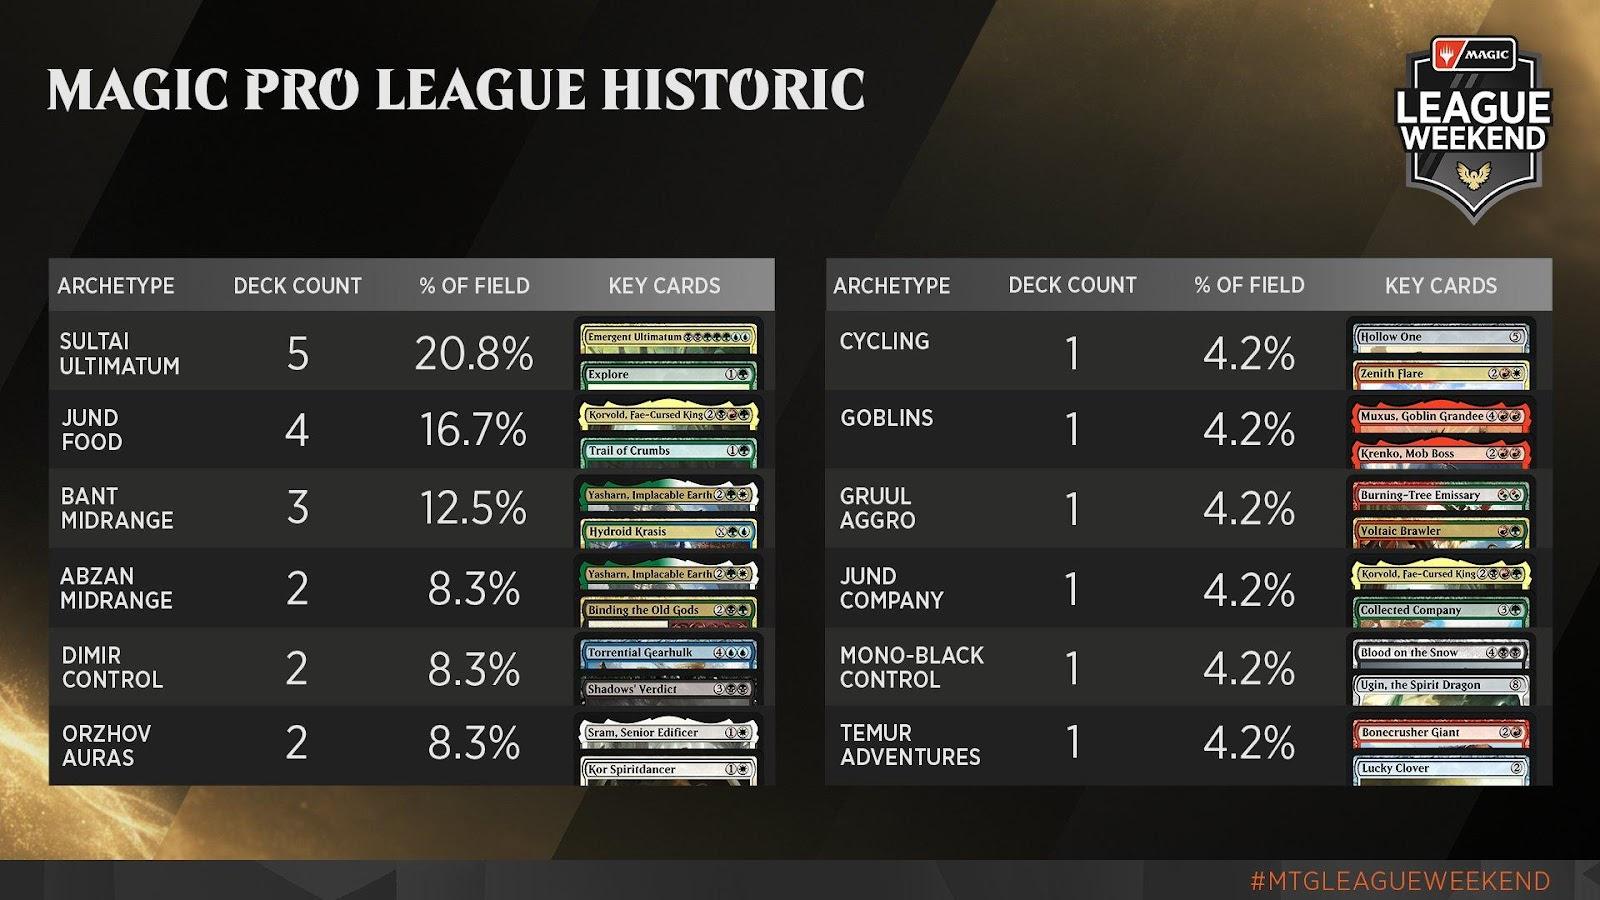 C:UsersJosef JanákDesktopMagicStředeční VýhledyStředeční Výhledy 8Magic Pro League - Historic Metagame.jpg